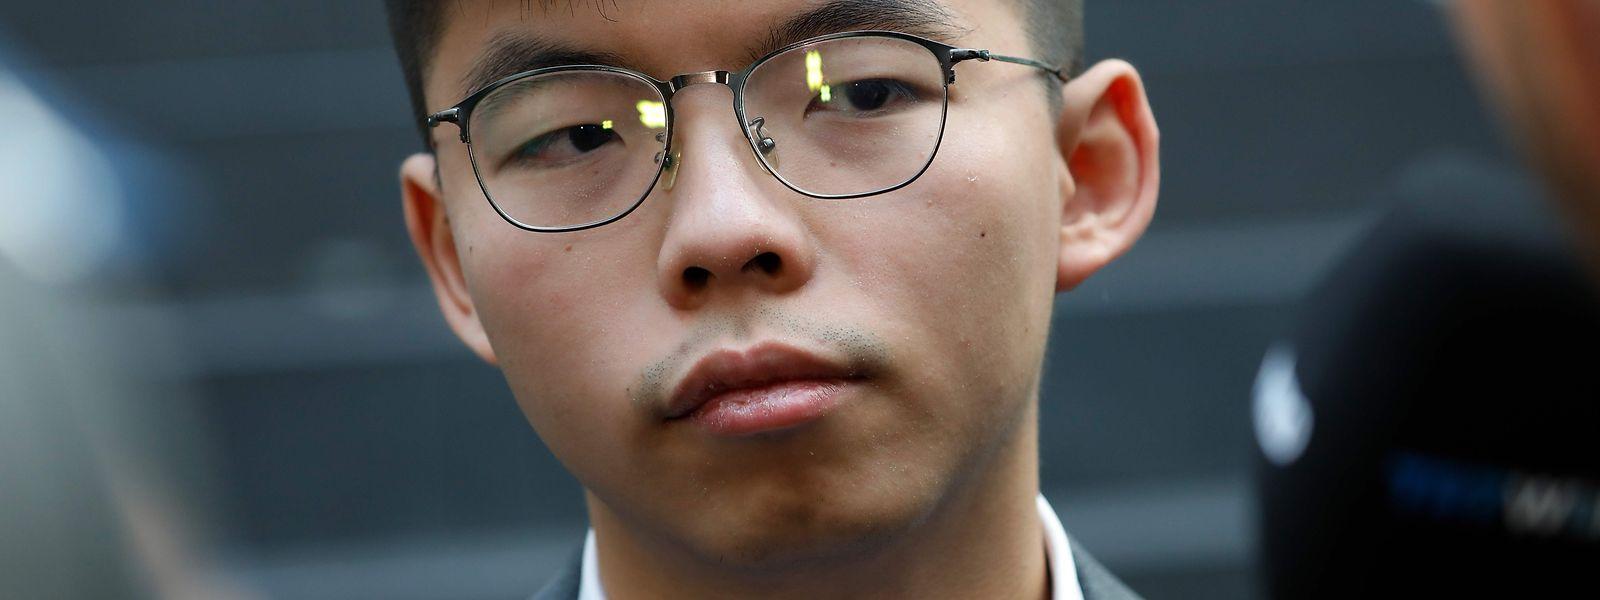 Joshua Wong wirbt derzeit in Berlin um internationale Ünterstützung für die Anliegen der Hongkonger Demokratiebewegung.